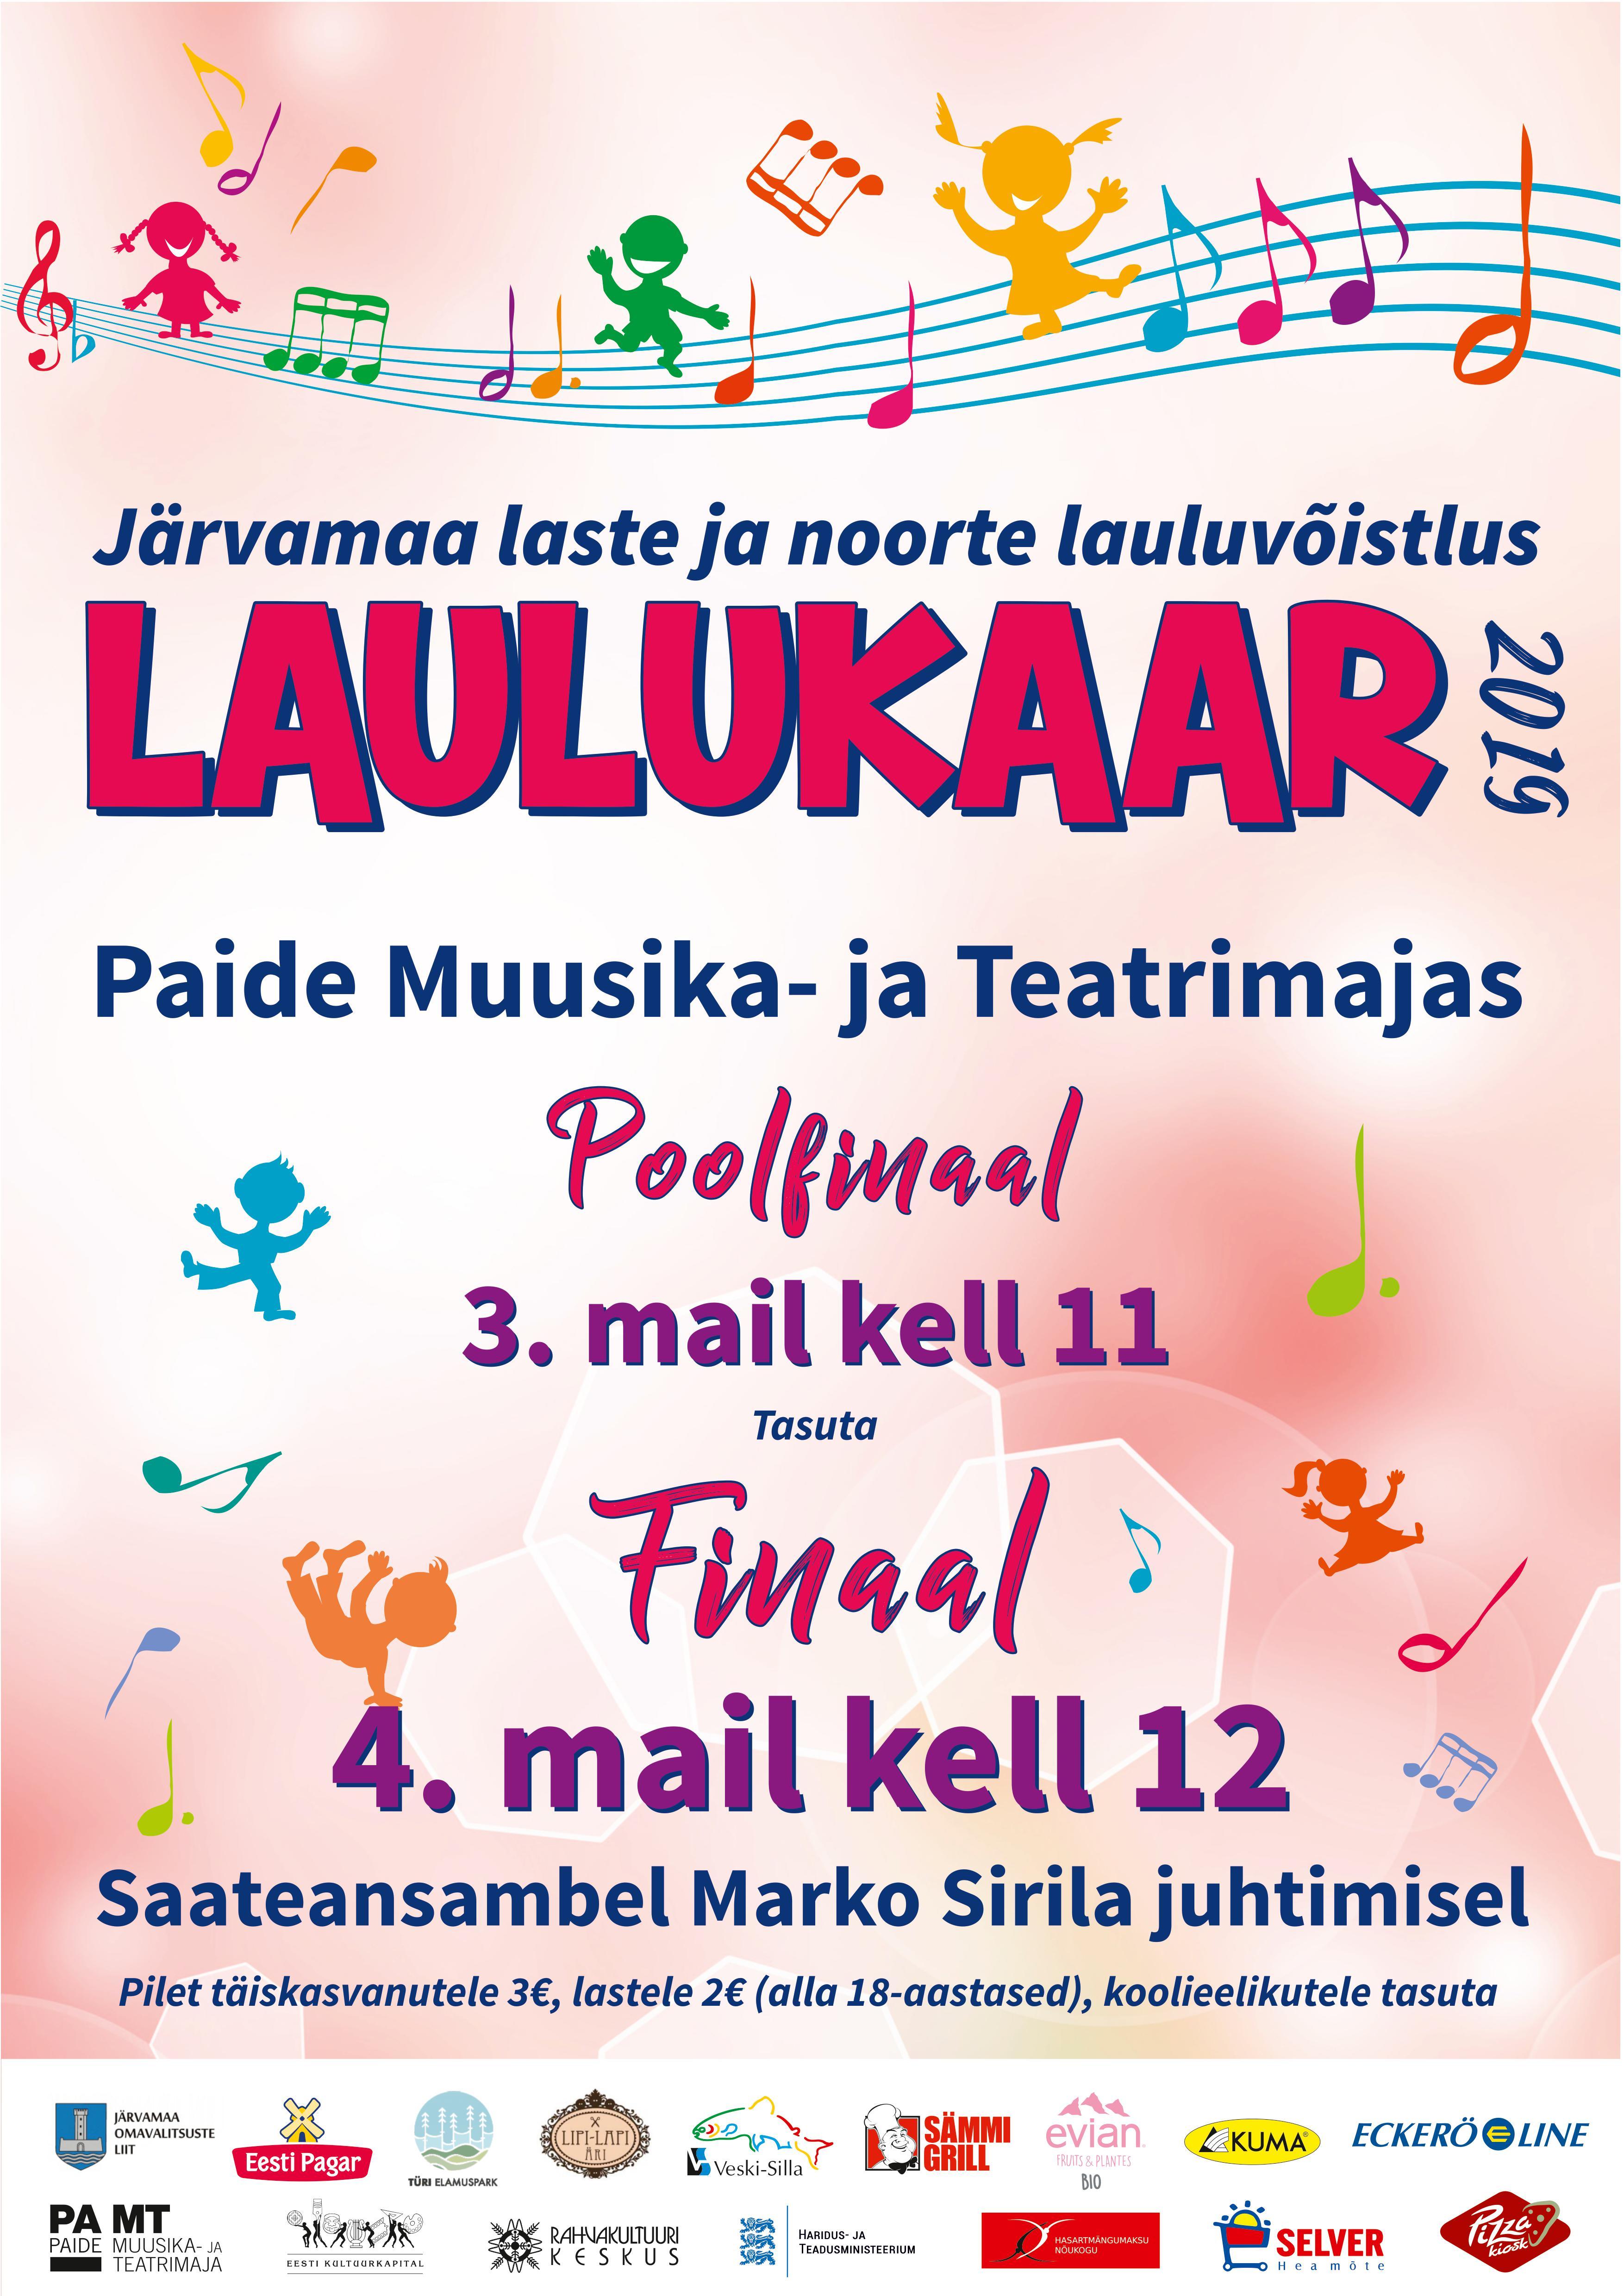 95d865a6bbb Järvamaa laste- ja noorte lauluvõistlus LAULUKAAR 2019